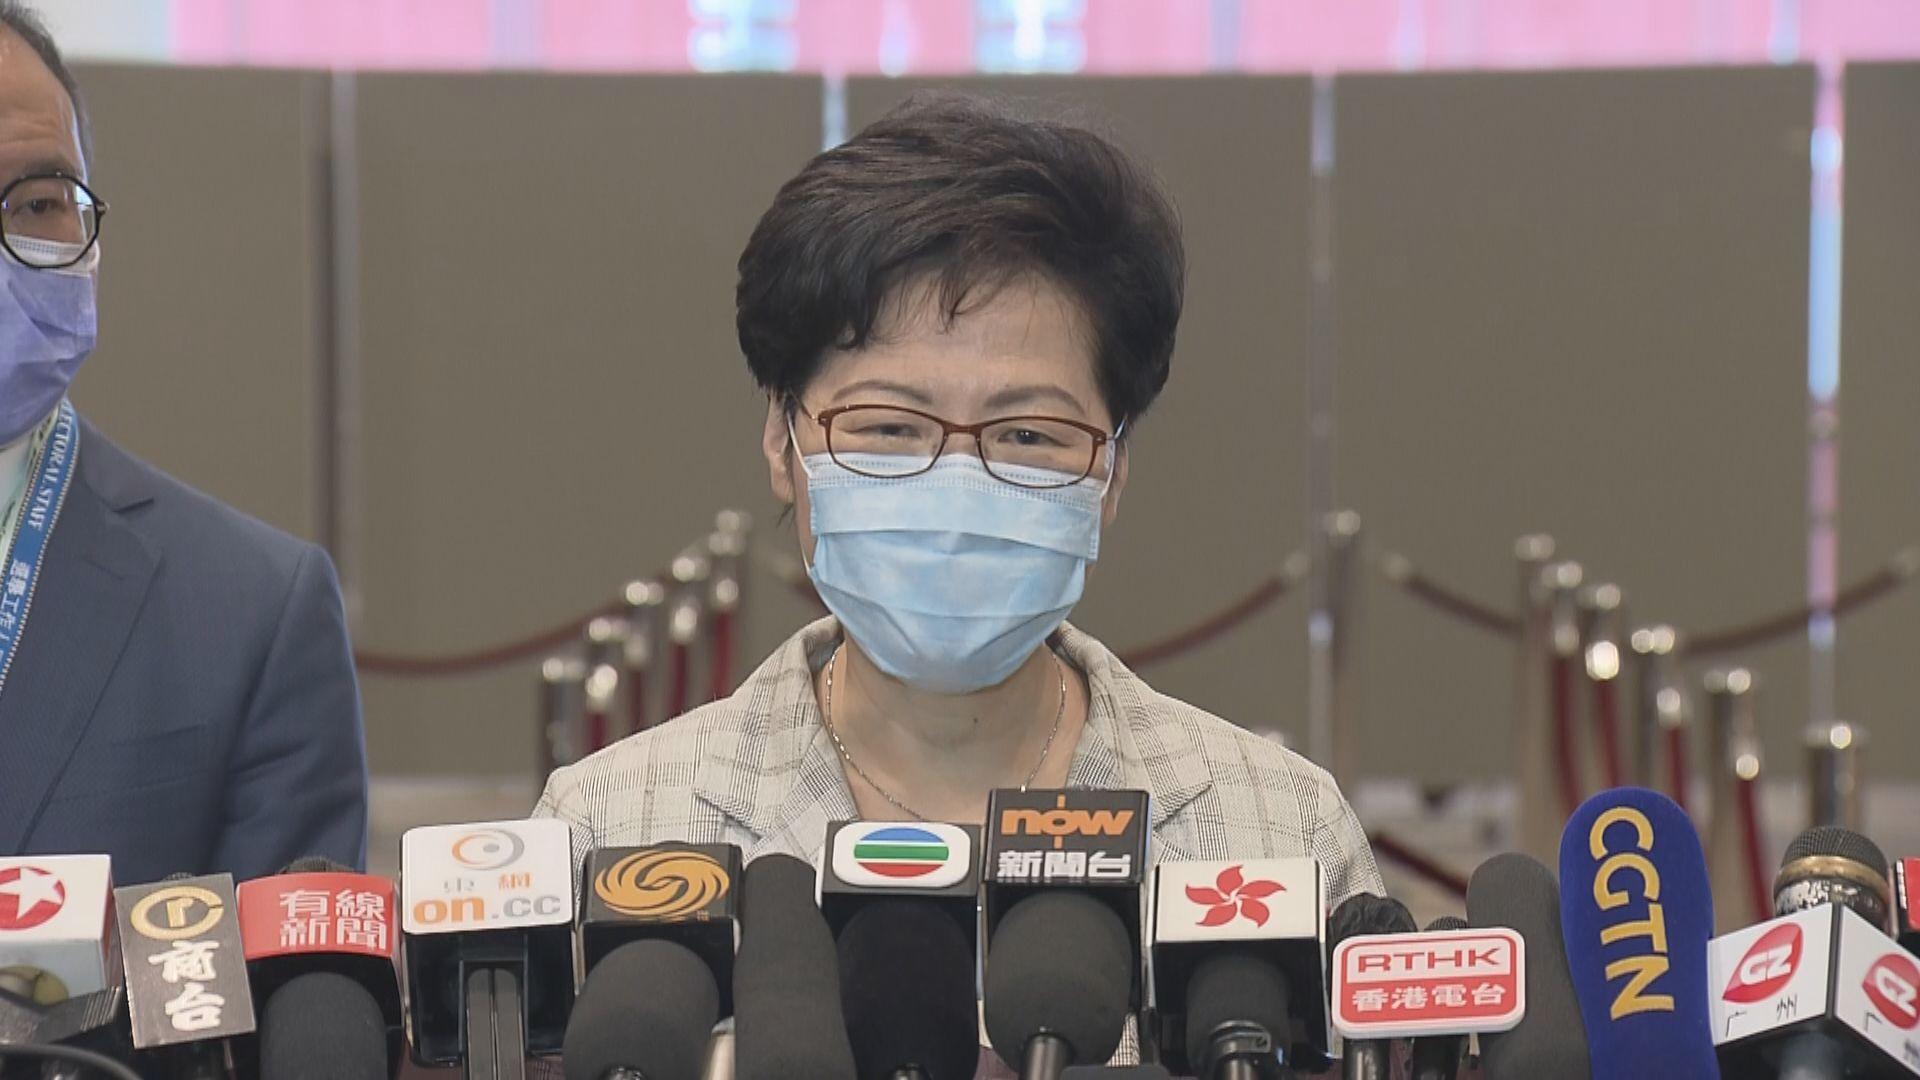 【選委會選舉】林鄭:過往政治體制某程度被用作窒礙香港發展